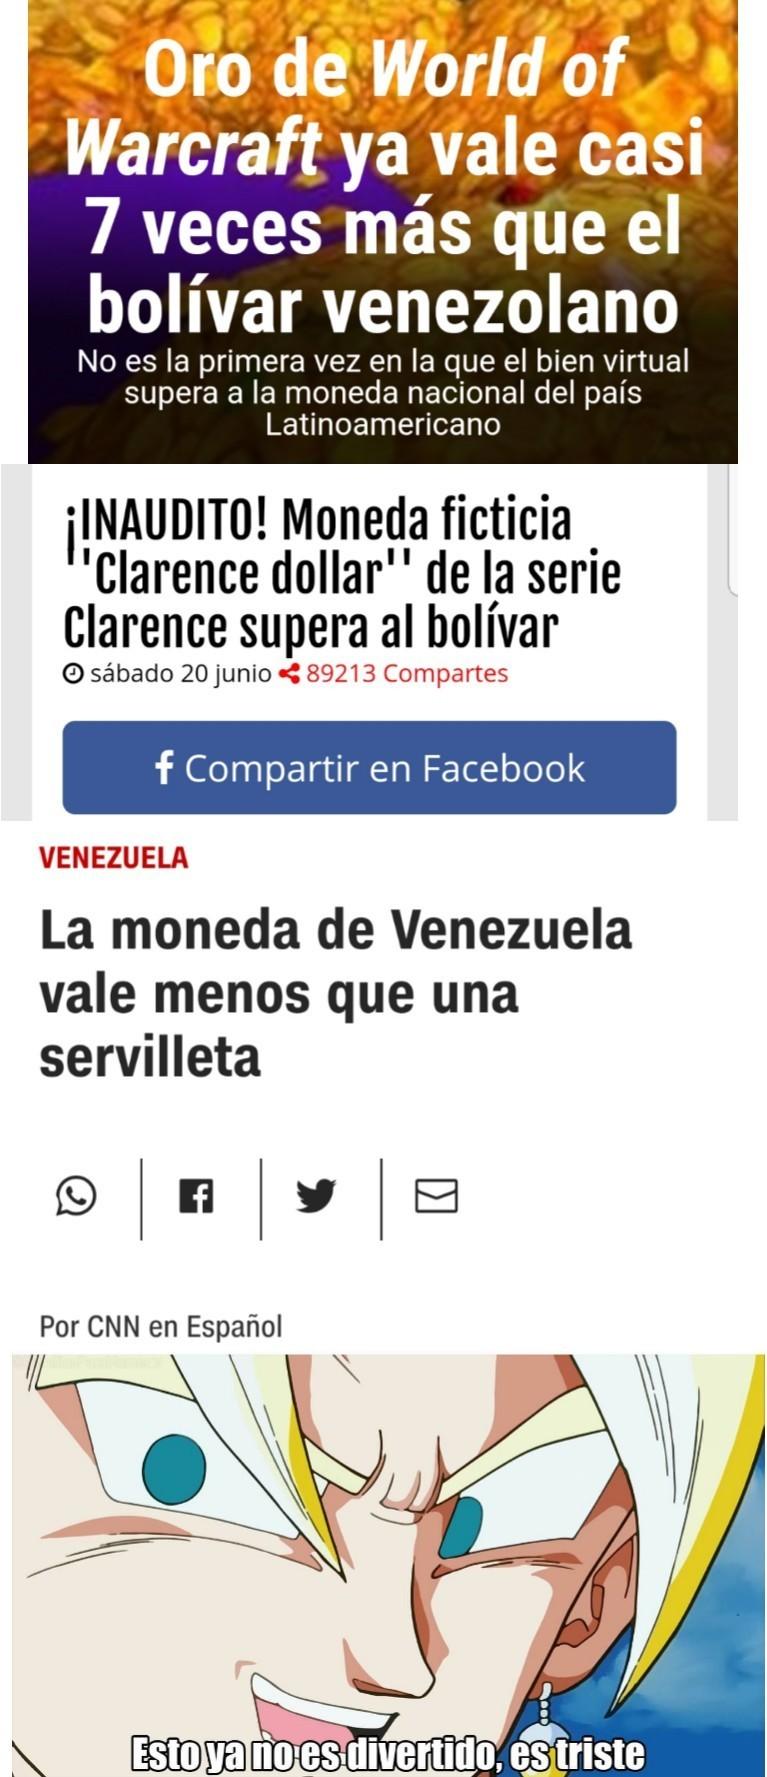 Solo un socialista haria que el país con mayores reservas de petroleo en el mundo fuese pobre - meme